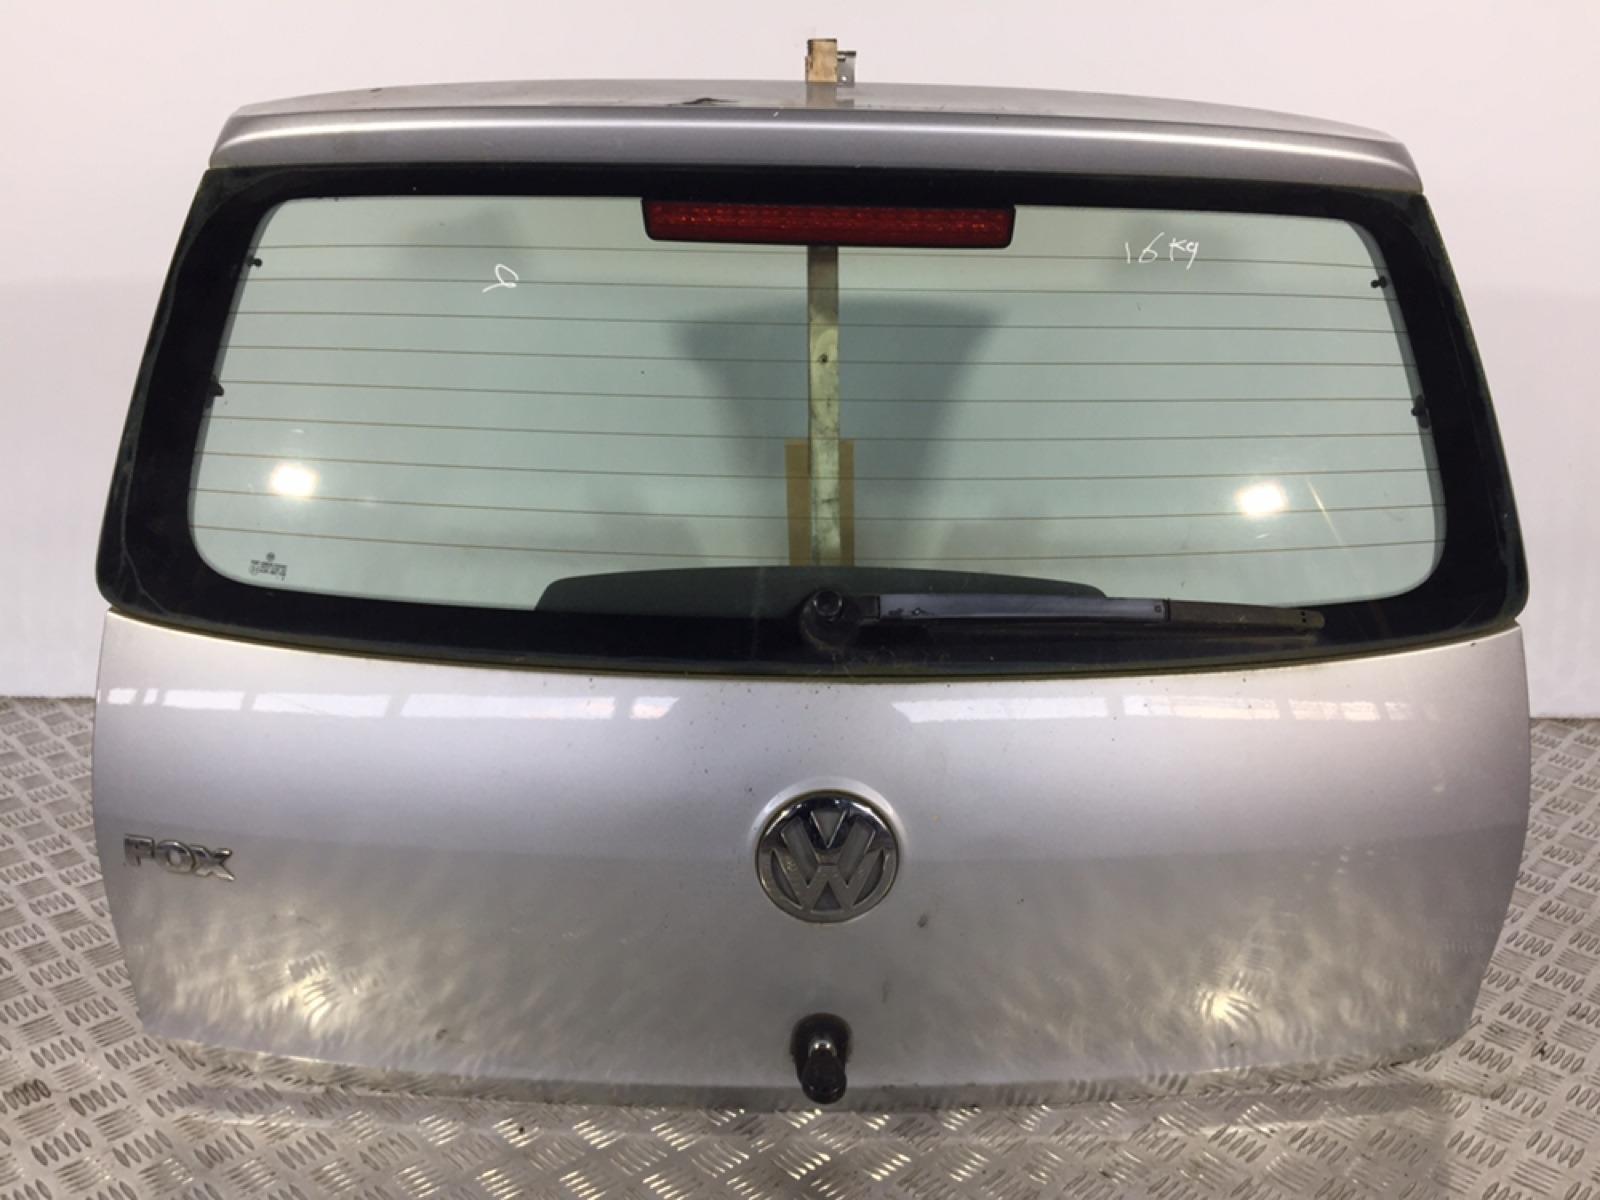 Моторчик заднего стеклоочистителя (дворника) Volkswagen Fox 1.2 I 2006 (б/у)